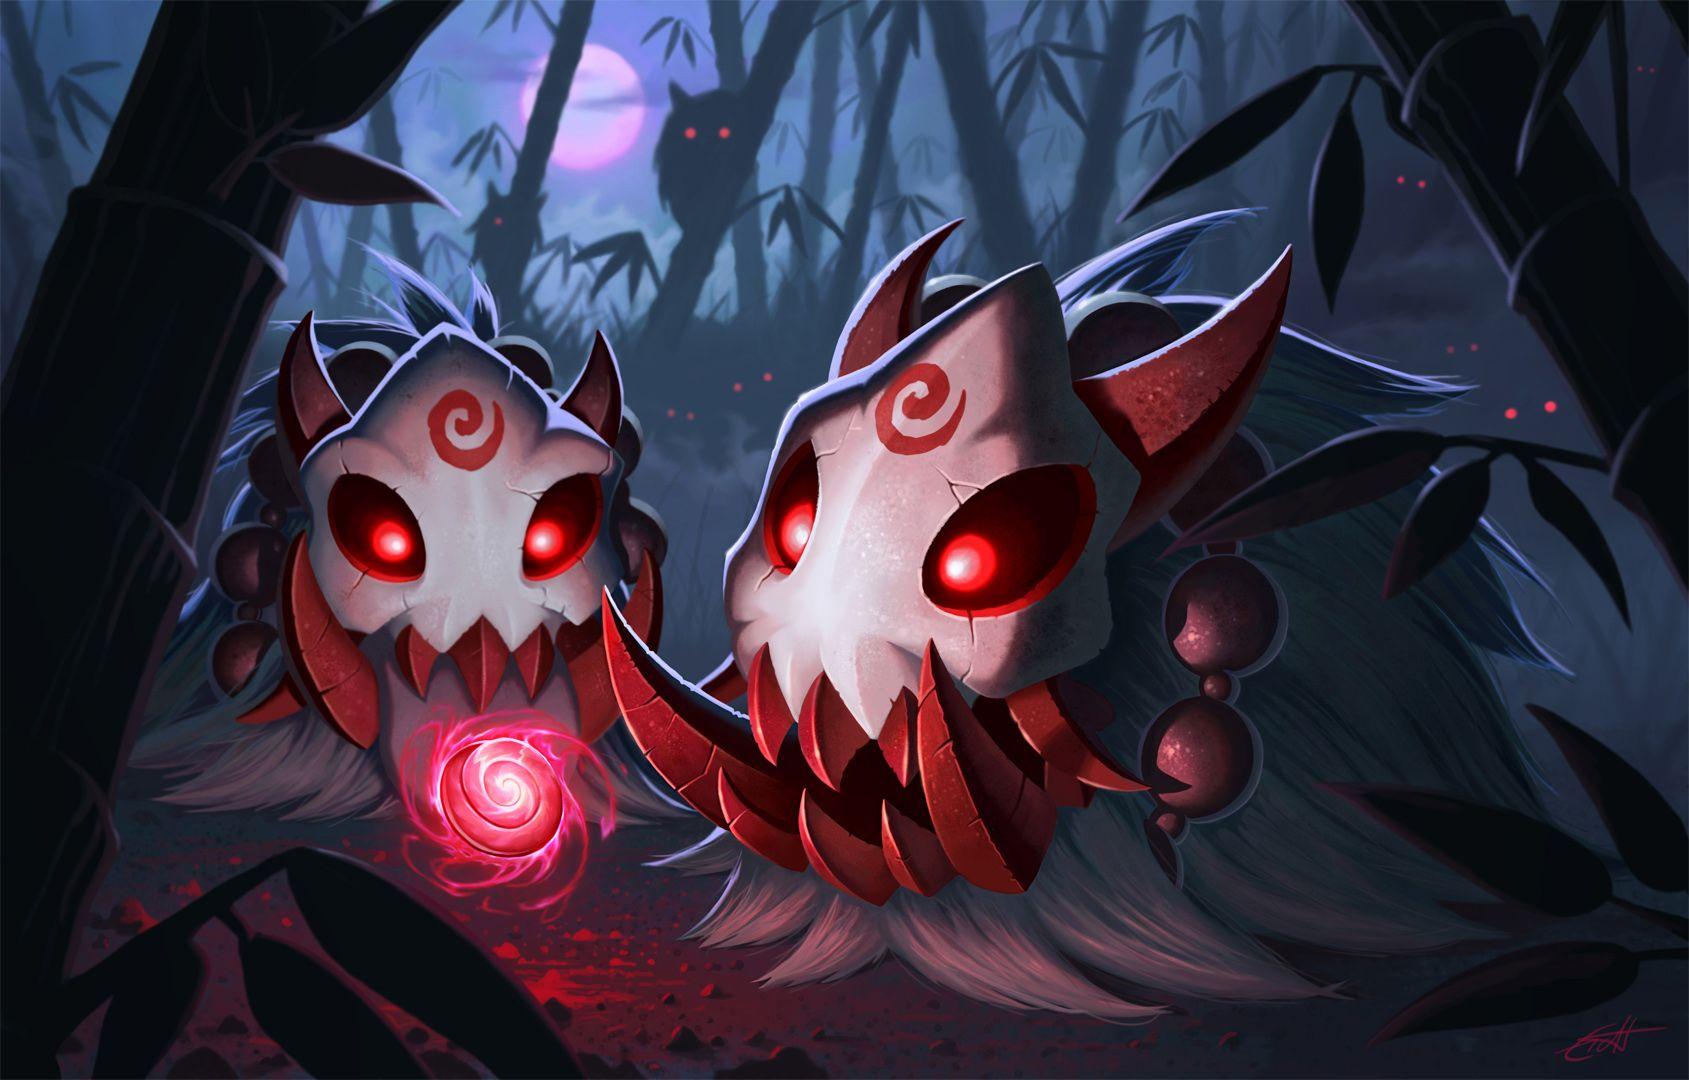 Resultado de imagem para lua sangrenta league of legends Poro